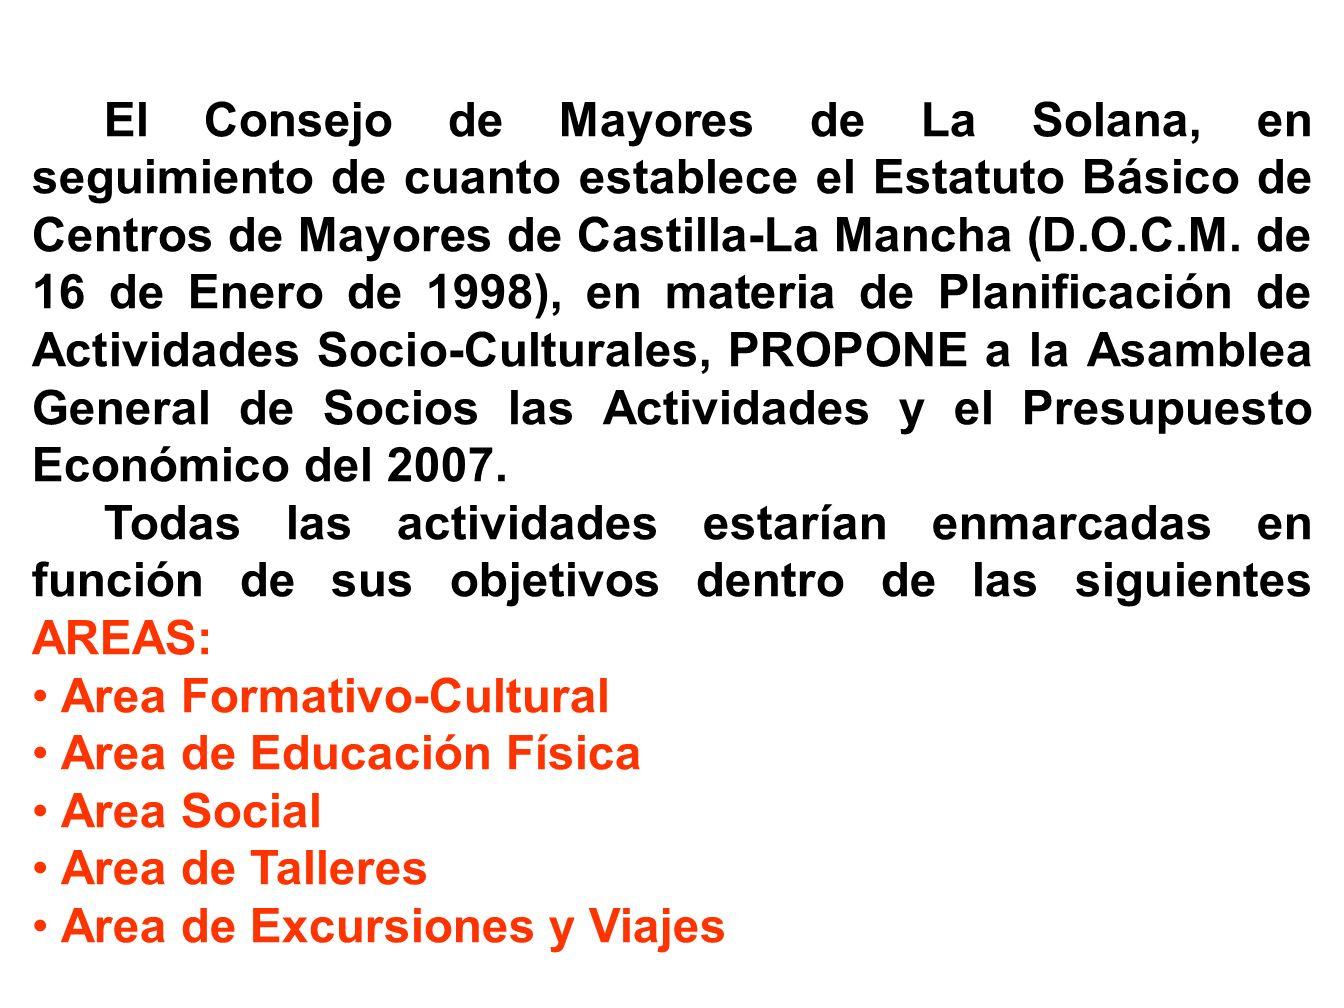 ANEXO II PROGRAMA DE ACTIVIDADES 2007 CENTRO DE MAYORES DE LA SOLANA (BORRADOR PARA SU APROBACION POR el Consejo de Mayores el día 22 de febrero de 2007 y por LA ASAMBLEA GENERAL DE SOCIOS el 6 de marzo de 2007)